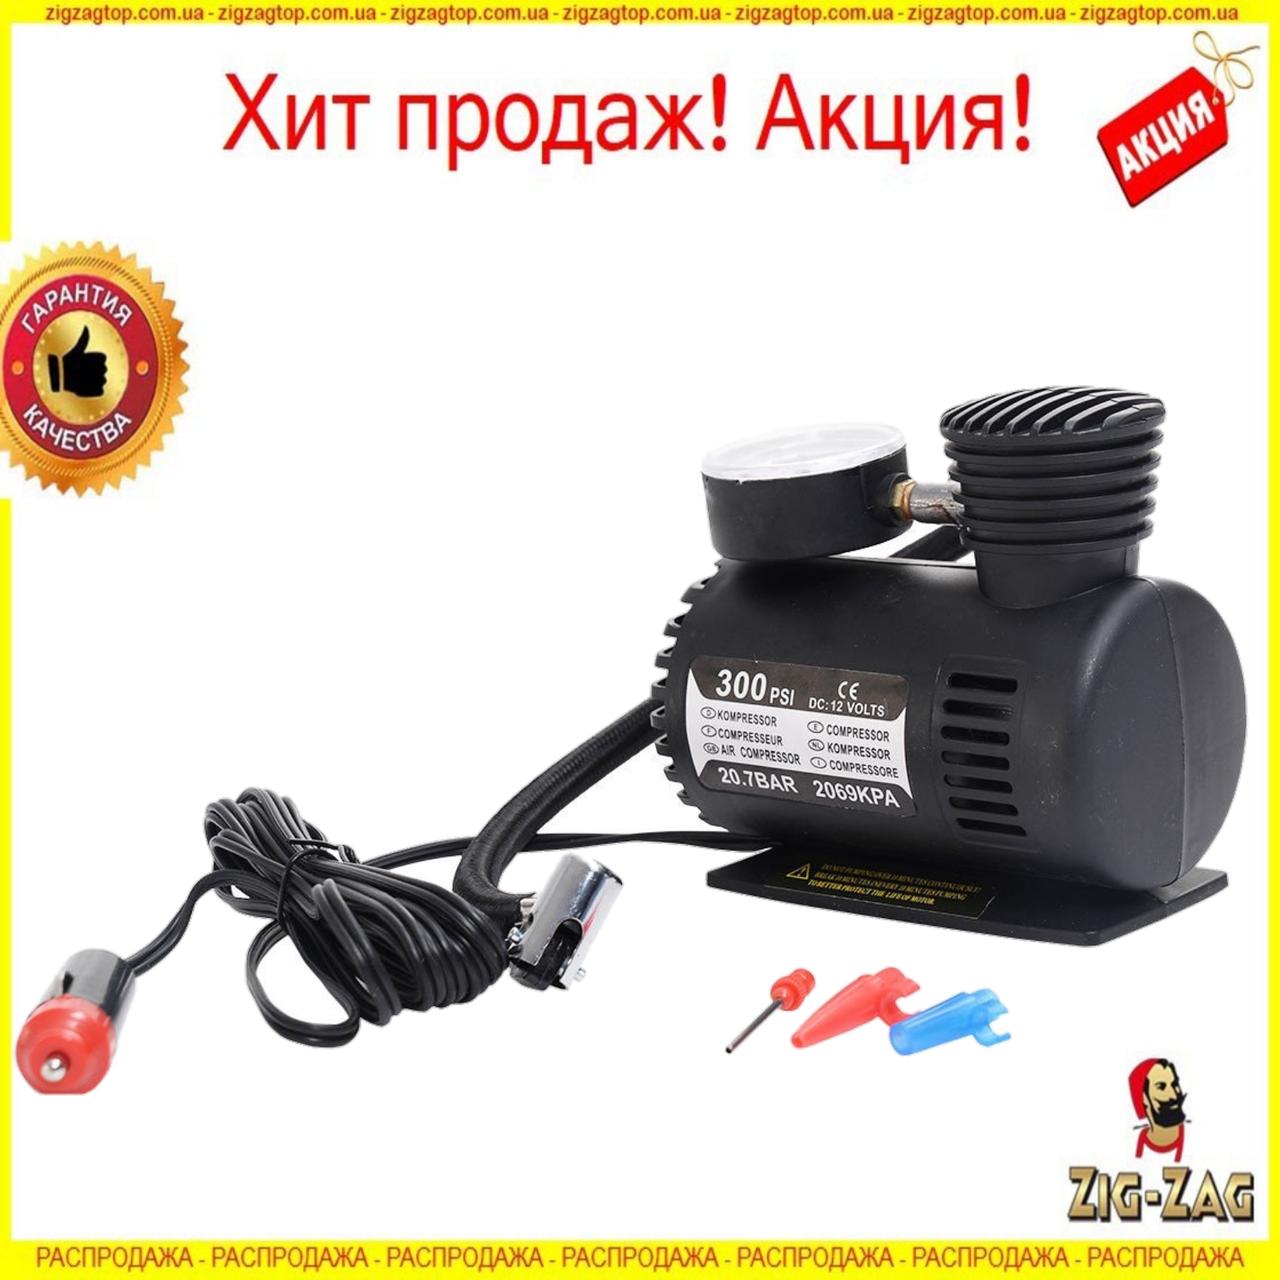 Автомобильный КОМПРЕССОР Air Compressor MJ004 Авто Насос для шин Колес мячей 12V компресор 100% КАЧЕСТВО!